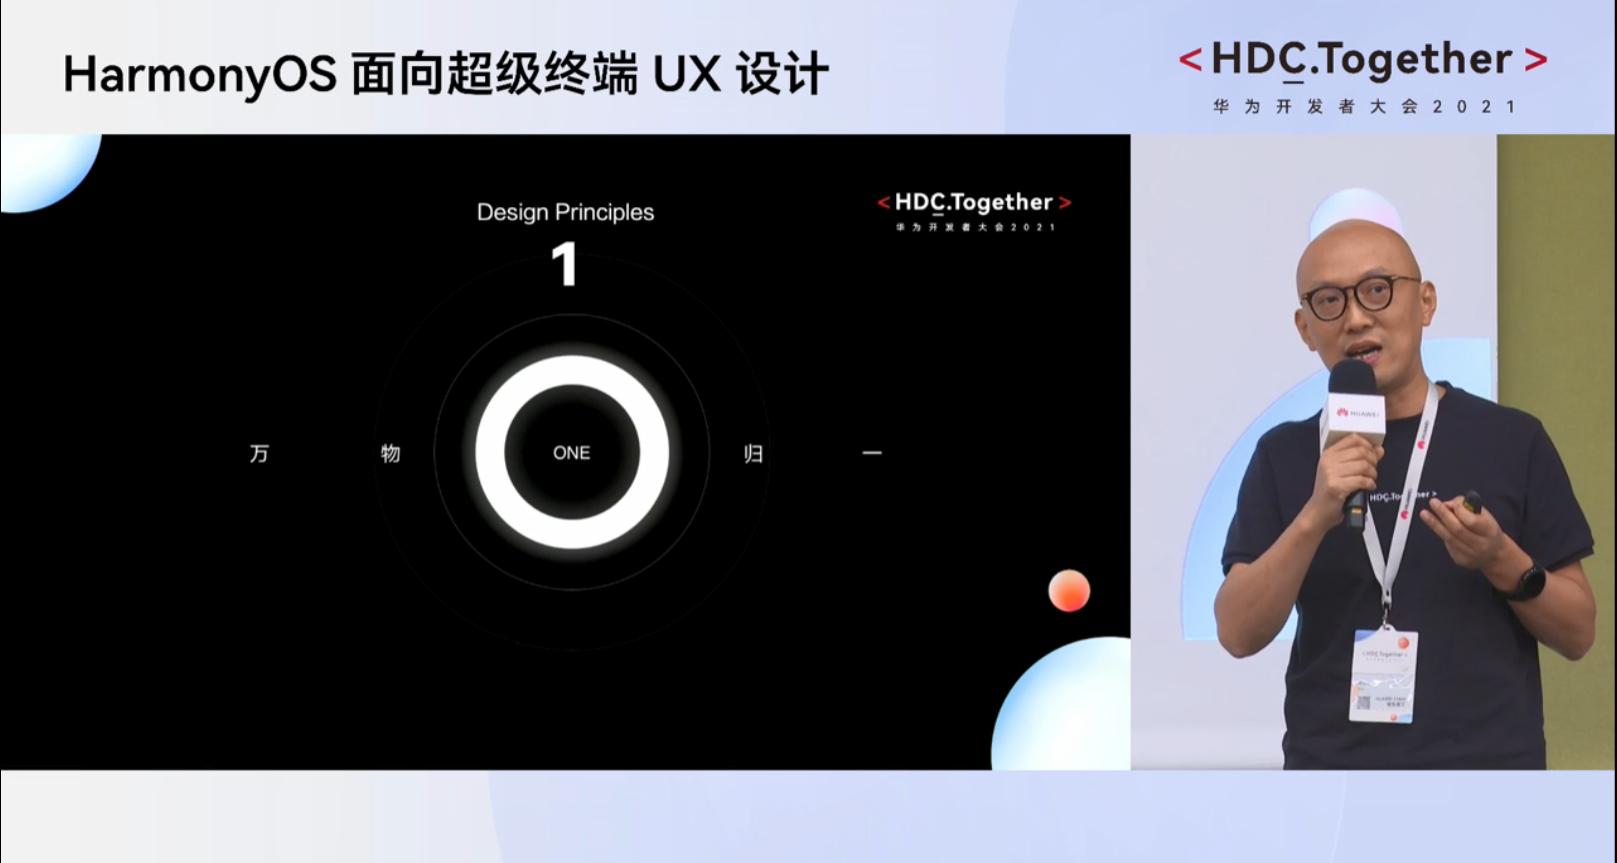 华为开发者大会HarmonyOS面向超级终端UX设计特性